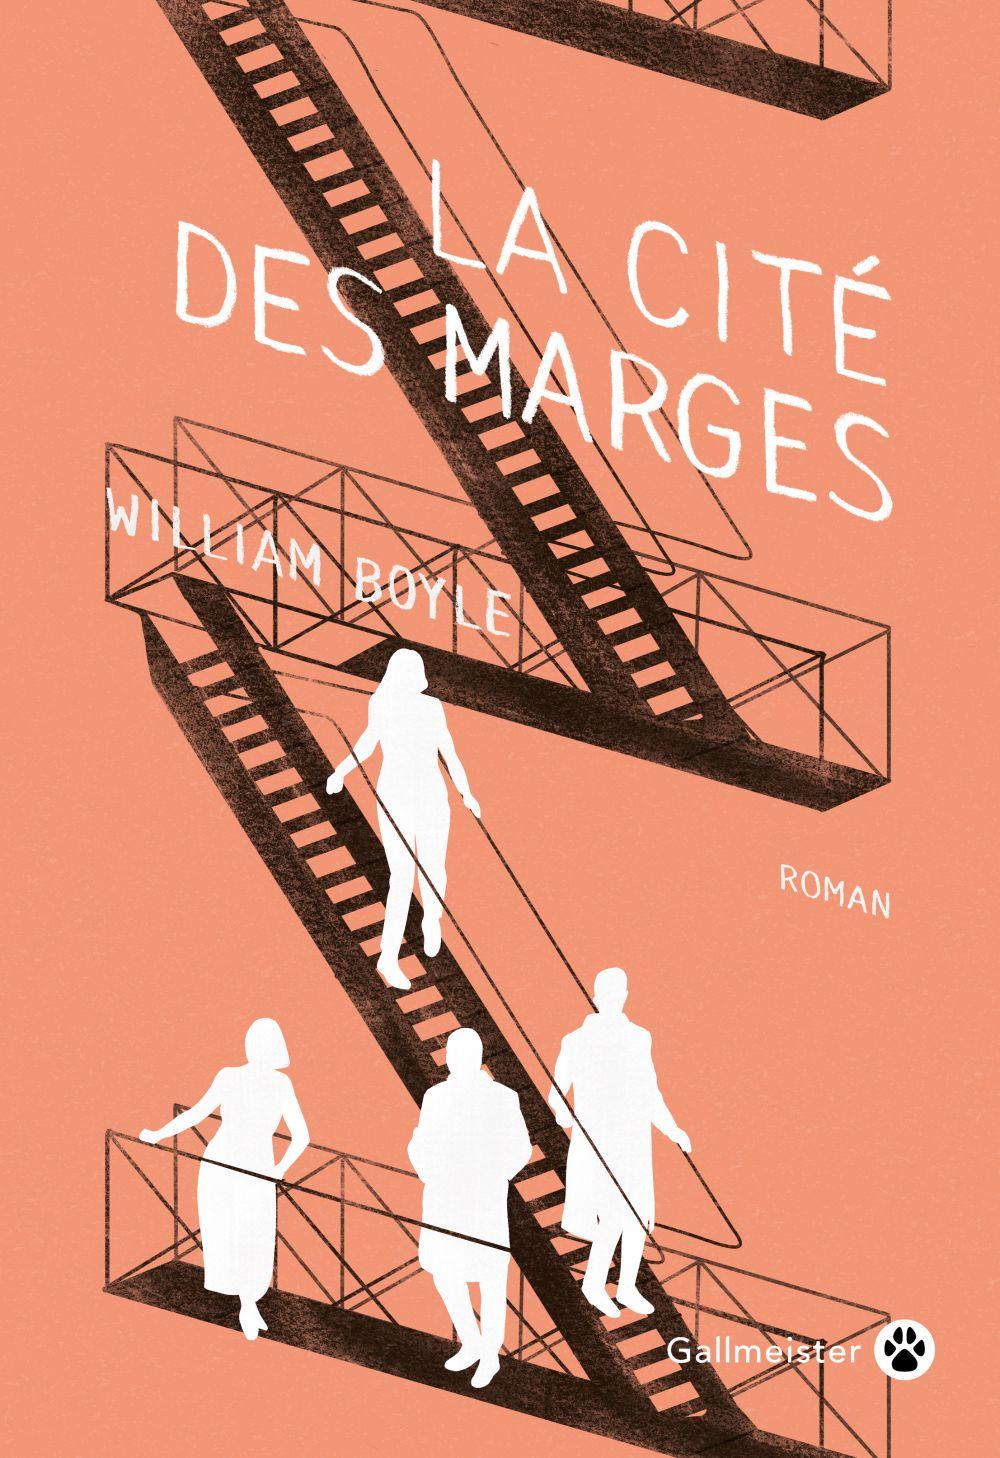 La Cité des marges |